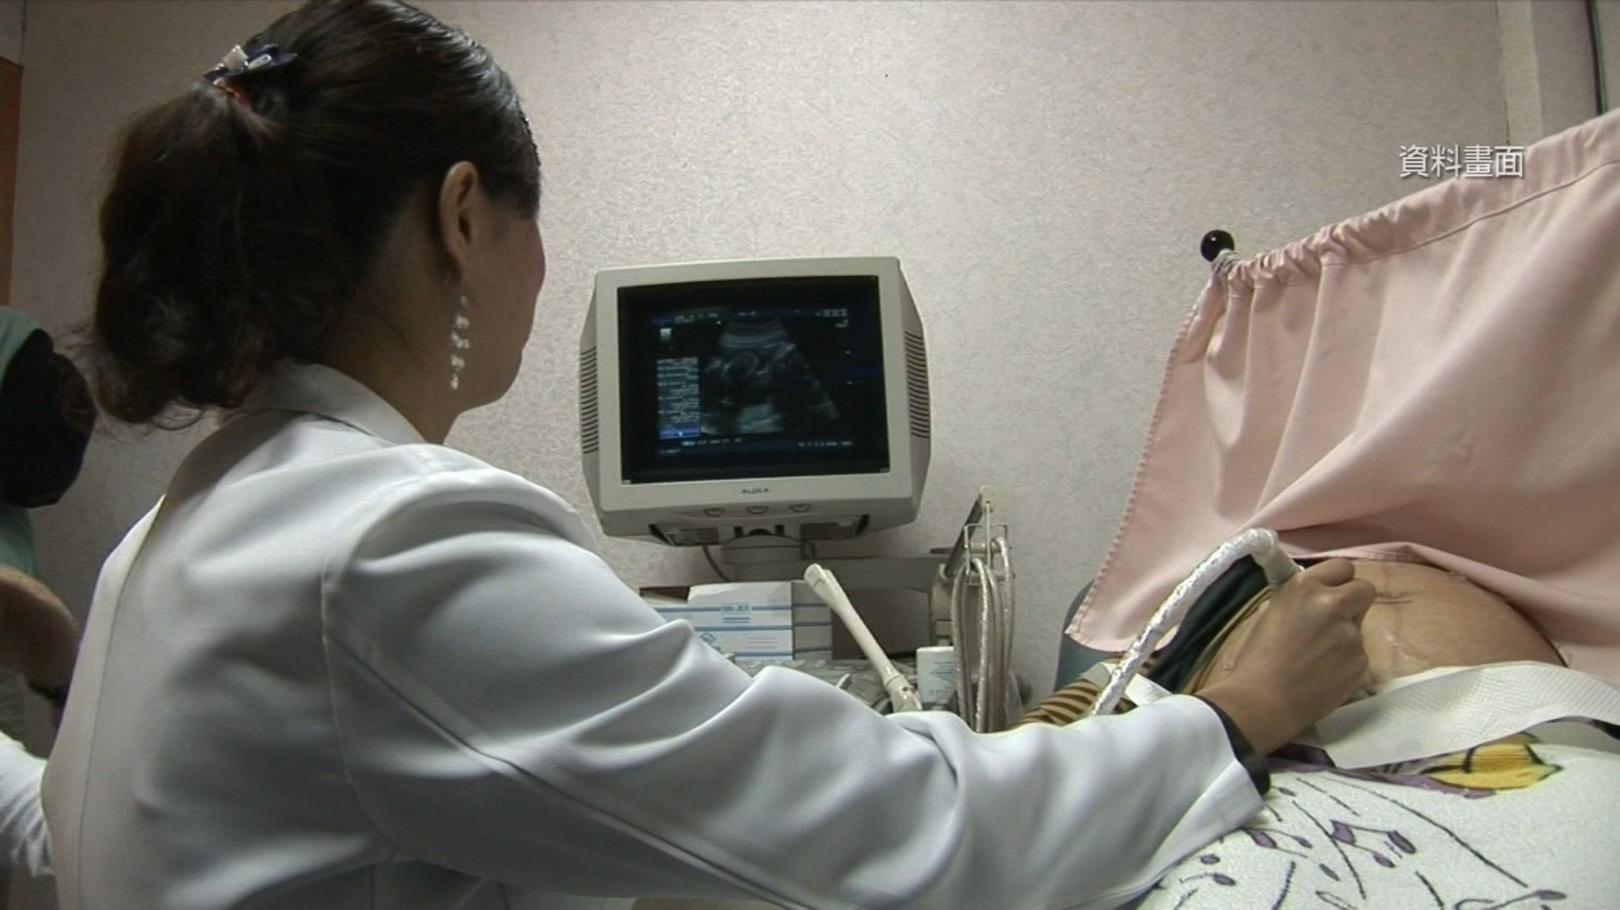 台灣首例! 施打AZ疫苗後才知有孕...產檢無胎心音流產